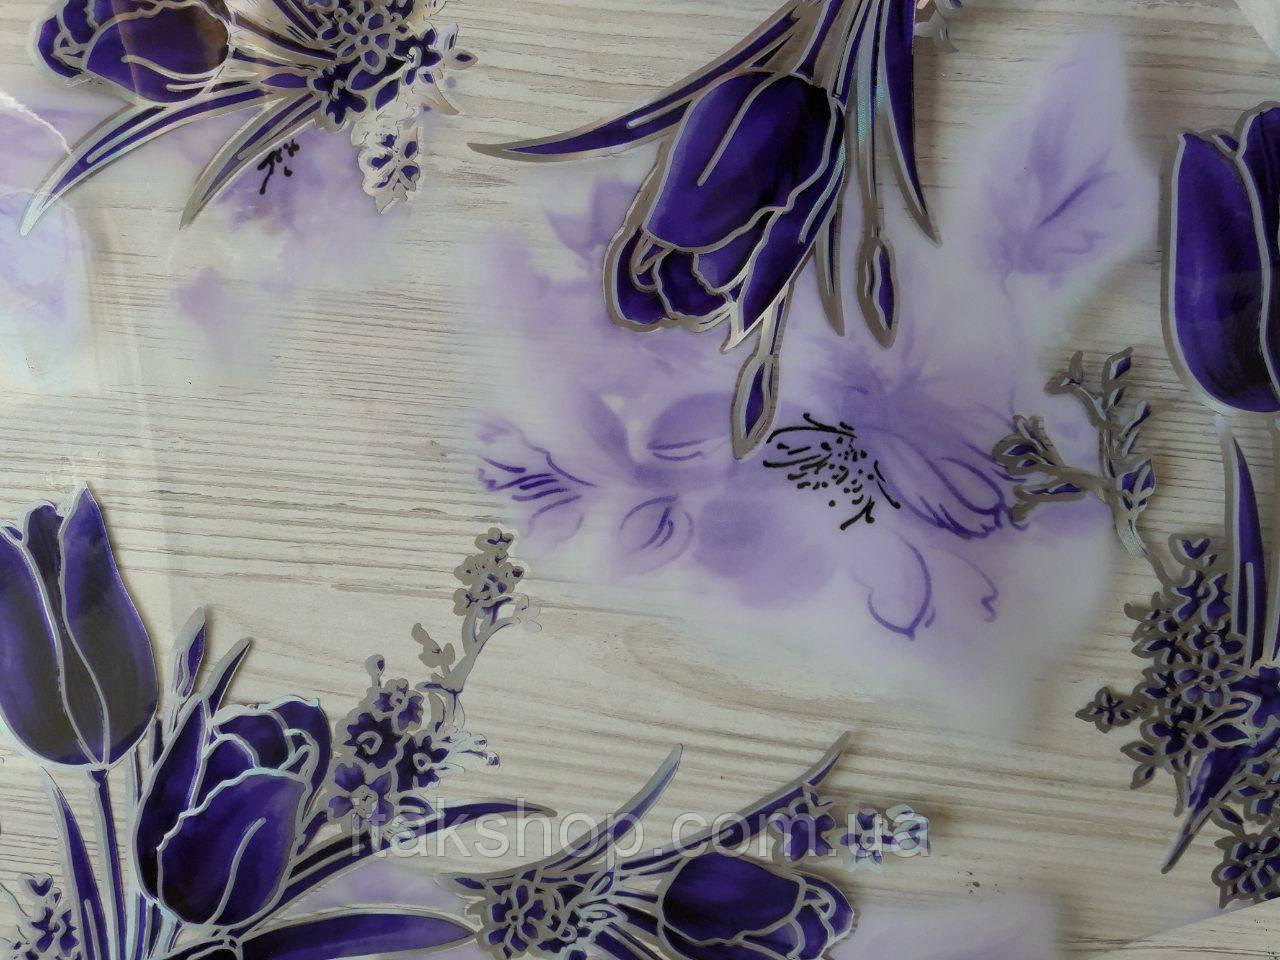 Мягкое стекло Скатерть с лазерным рисунком Soft Glass 2.7х0.8м толщина 1.5мм Фиолетовые тюльпаны